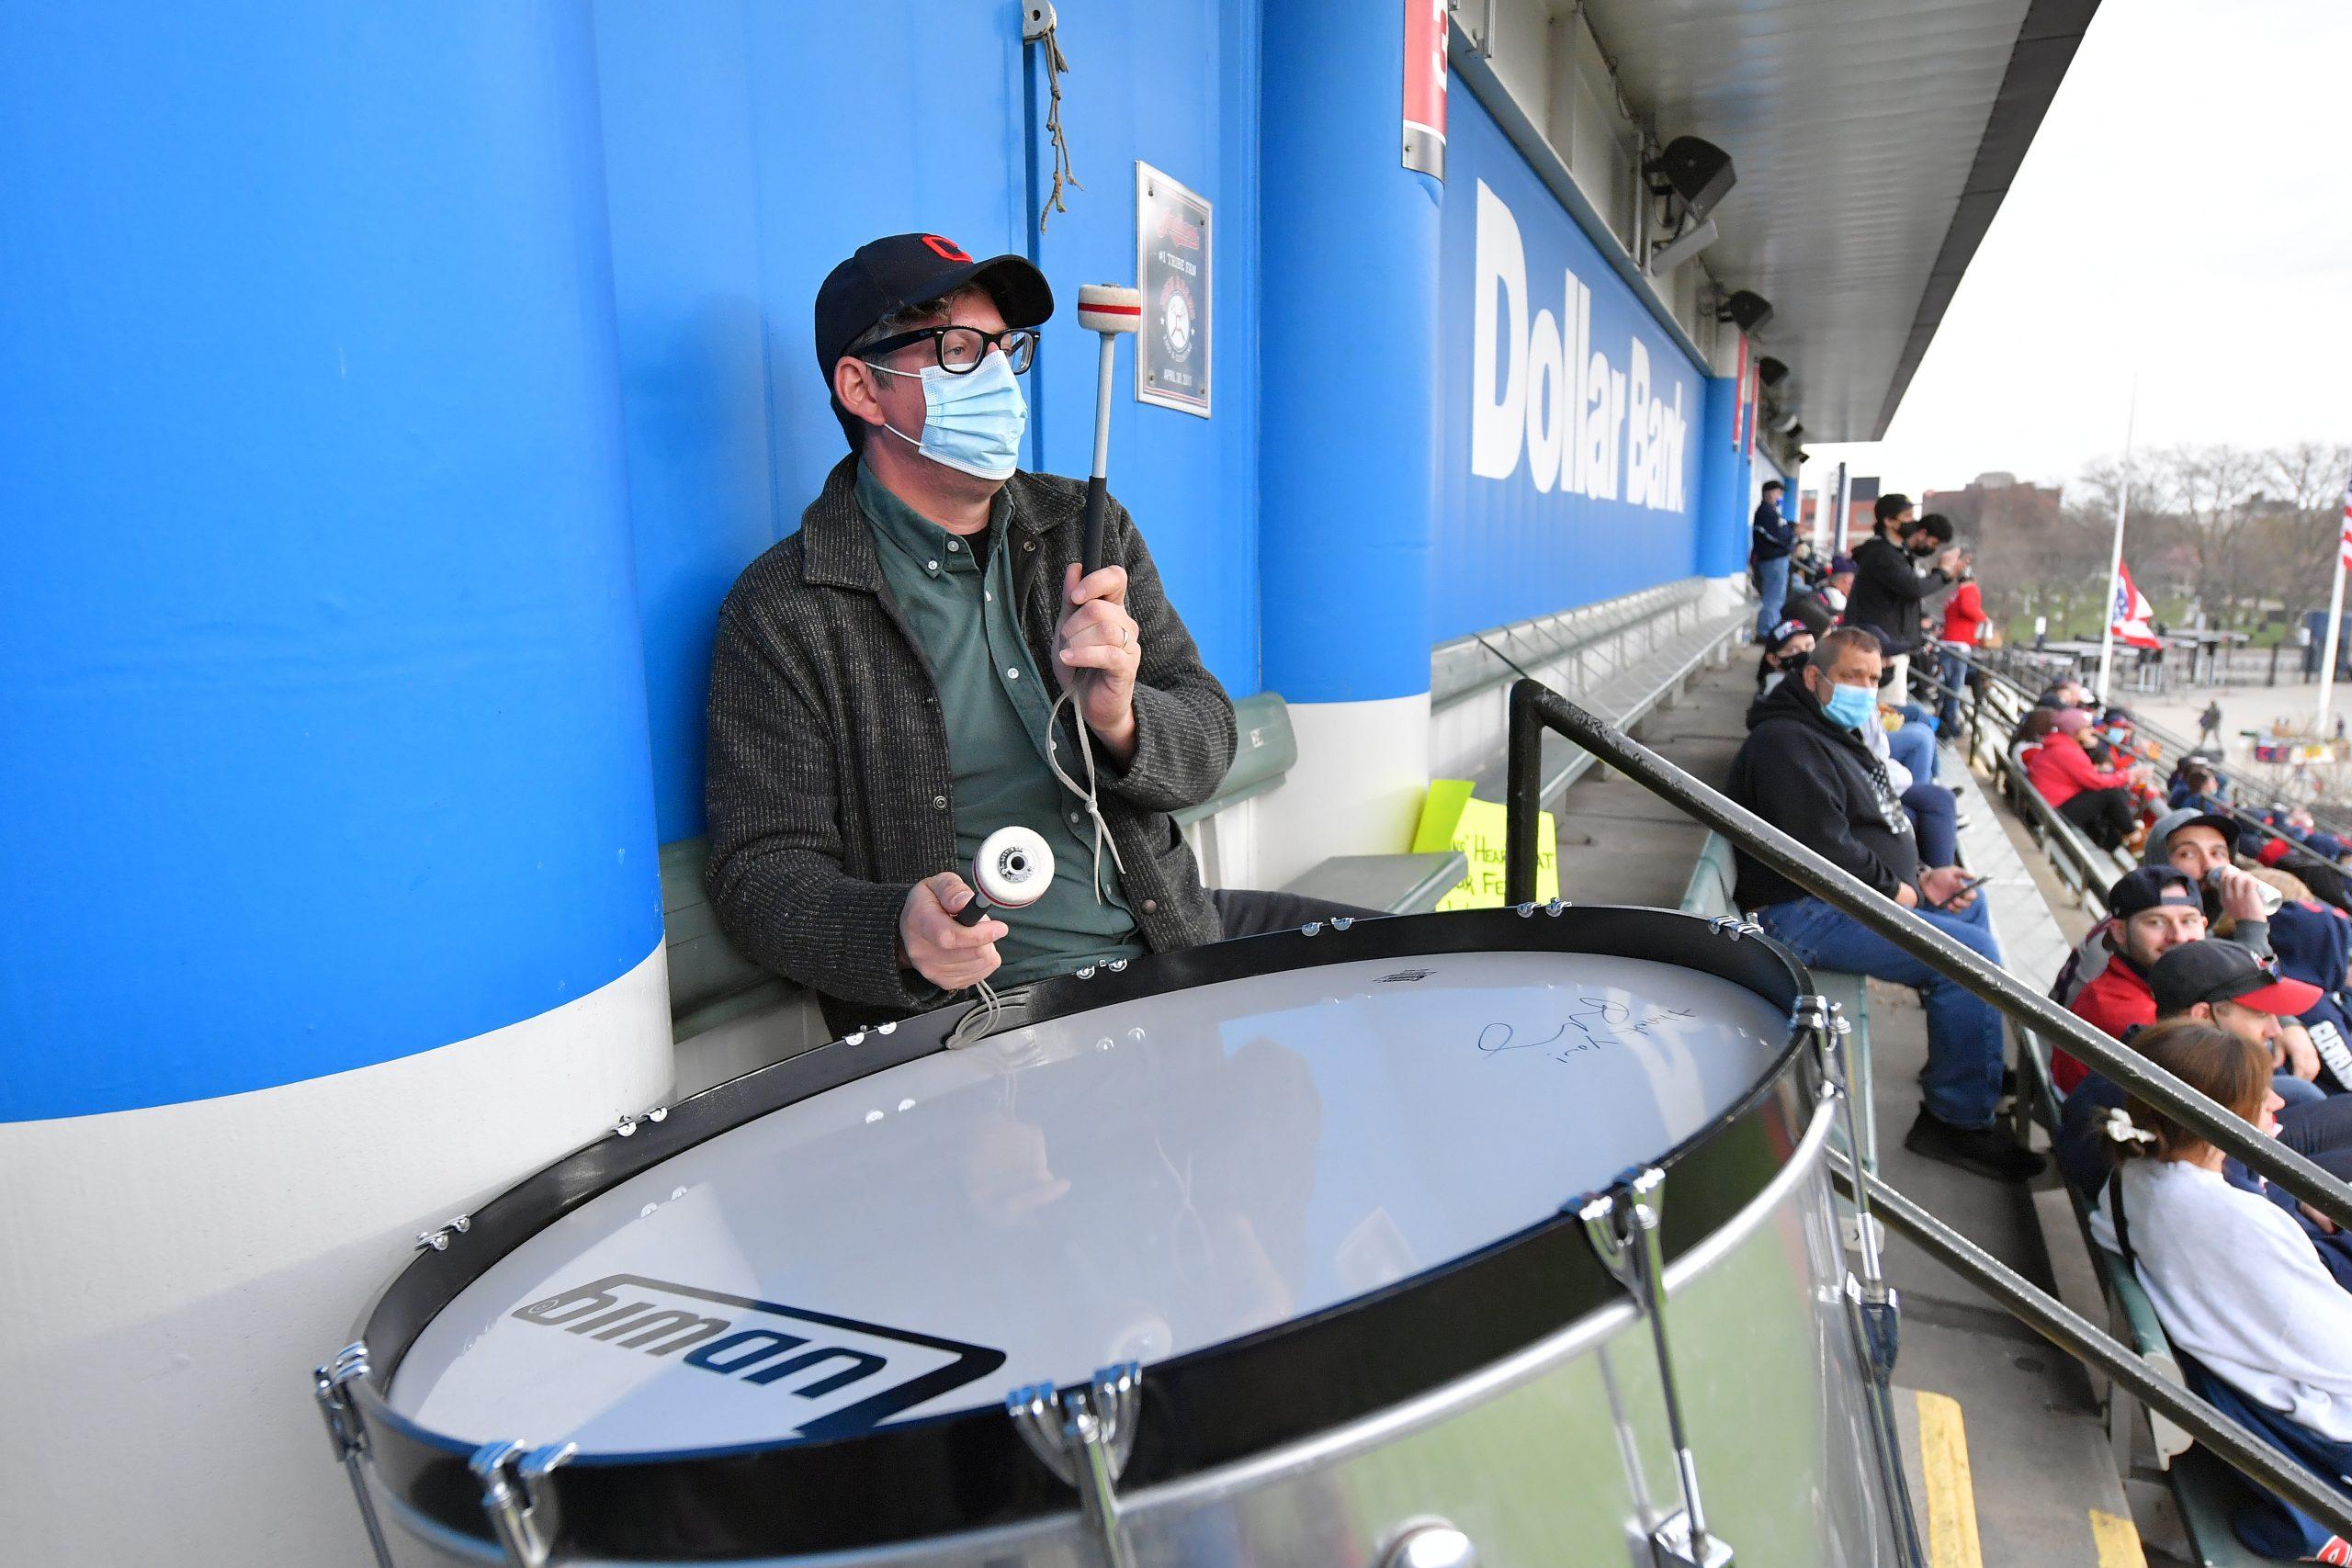 Patrick Carney debutó con el bombo en el Estadio de los Indians